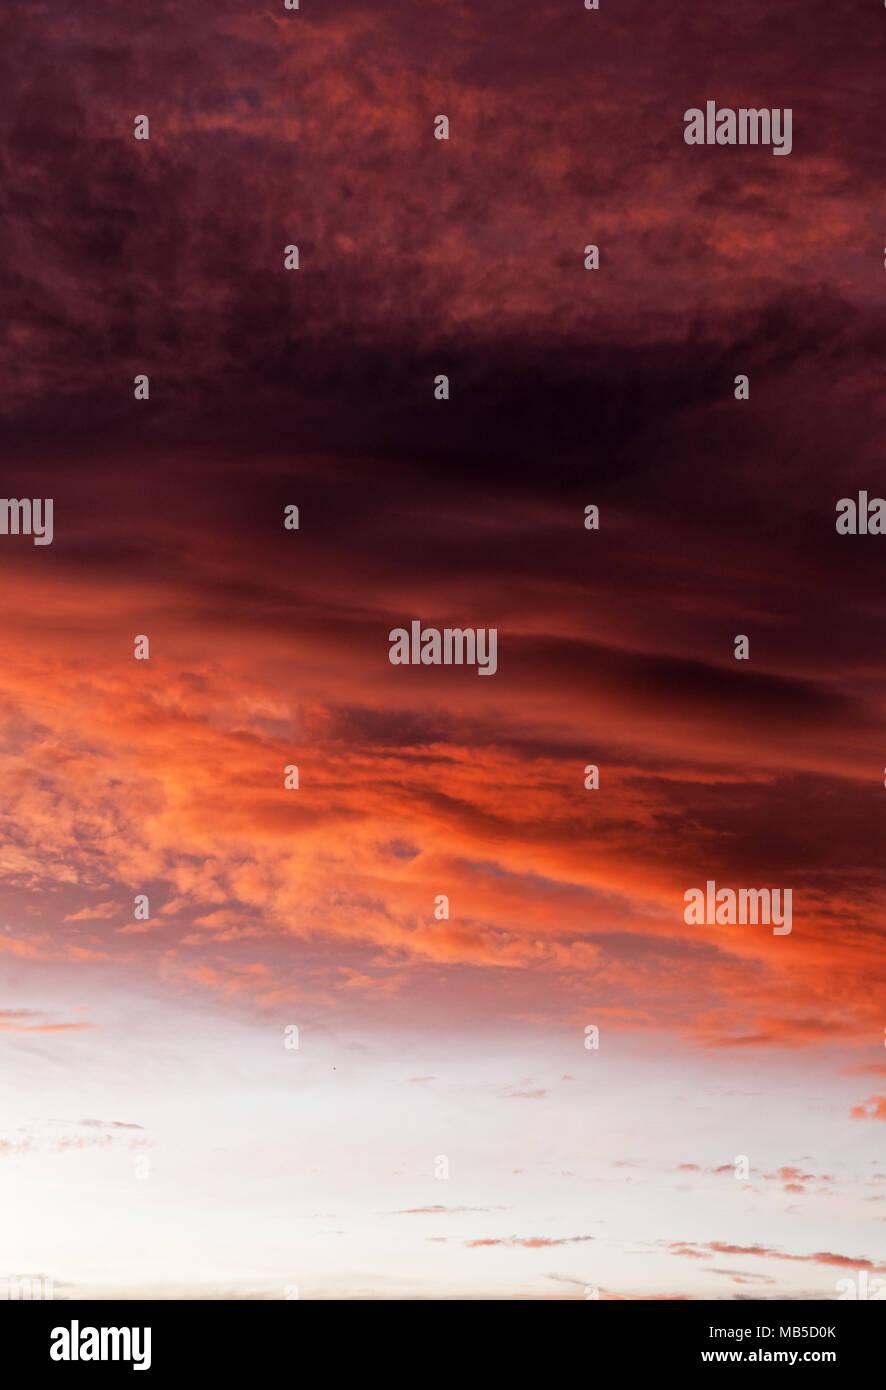 Espectacular Atardecer cielo con nubes del cielo nocturno iluminado por la luz solar brillante Imagen De Stock